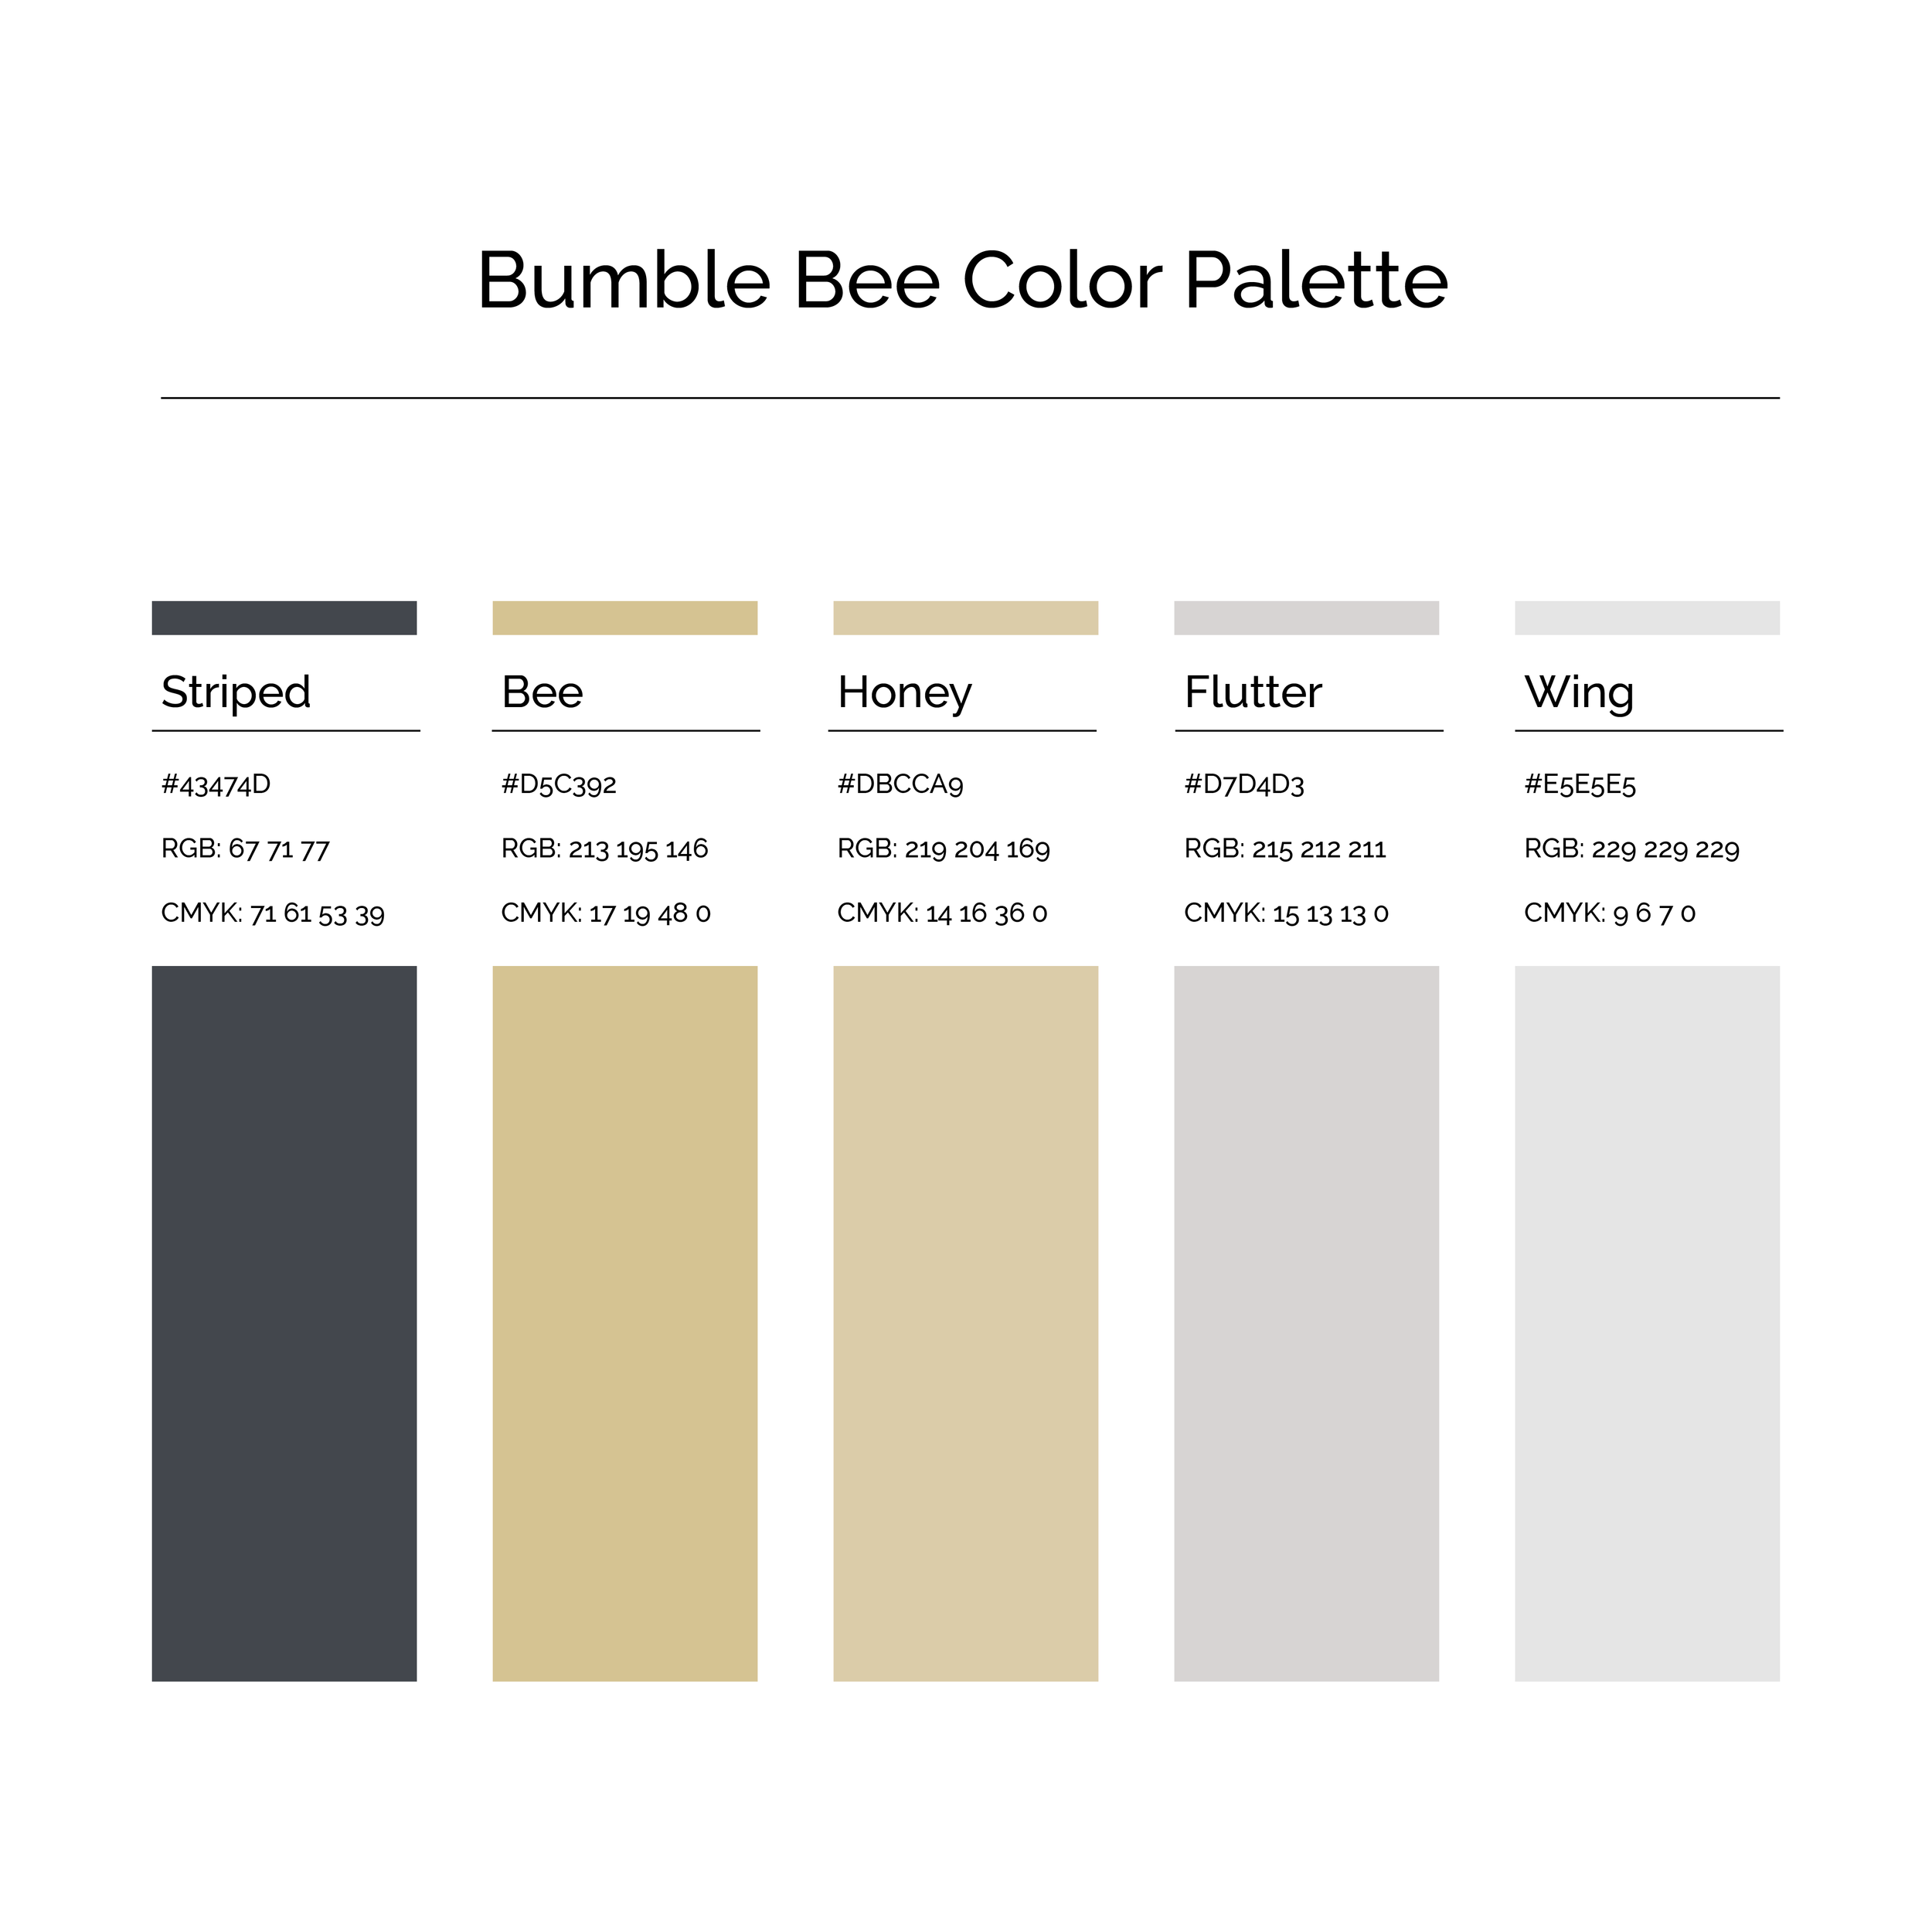 15 More Color Palettes | Bumble Bee Color Palette